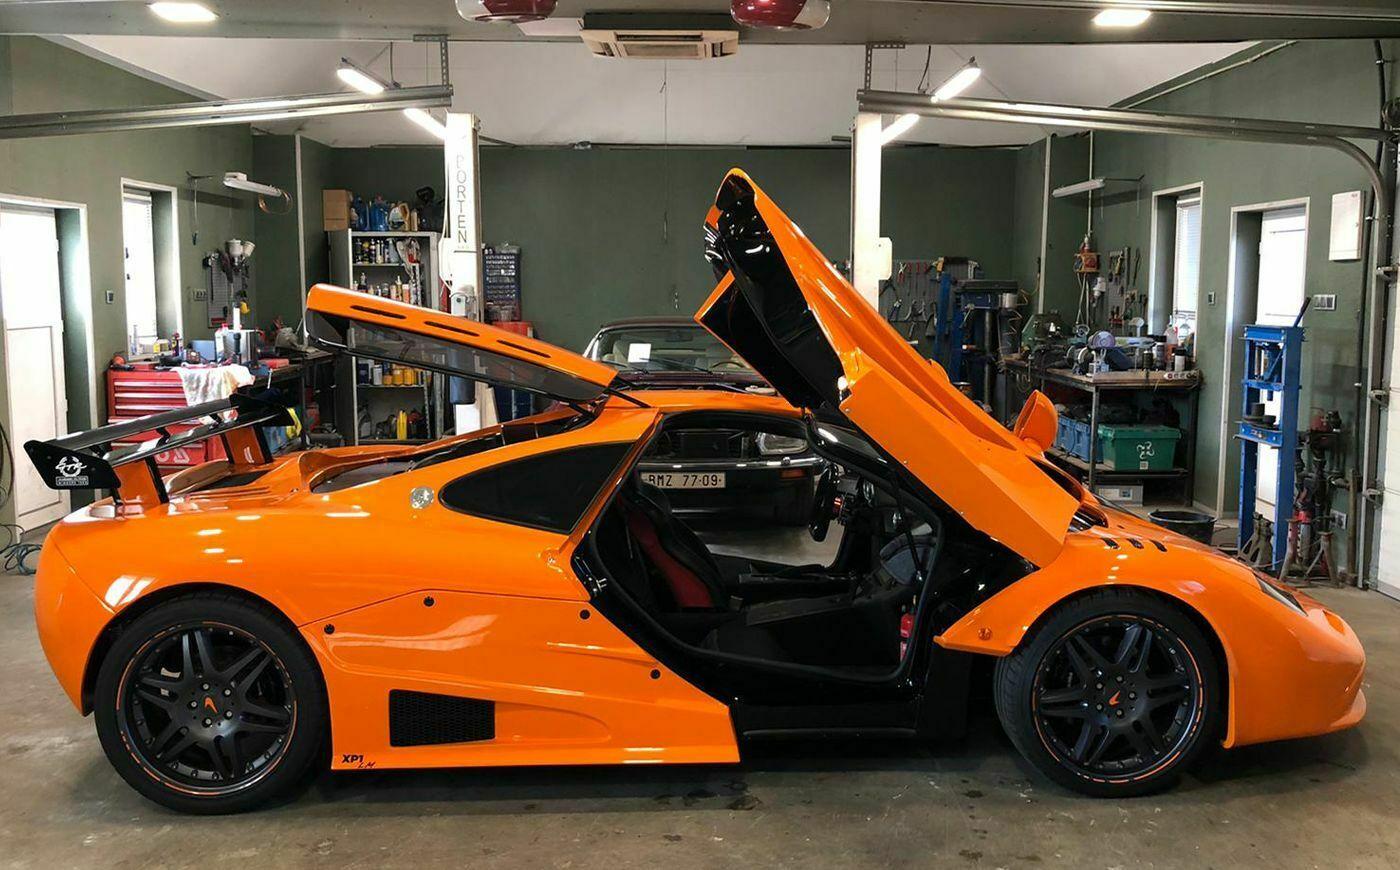 McLaren-F1-Porsche-Boxster-replica-5